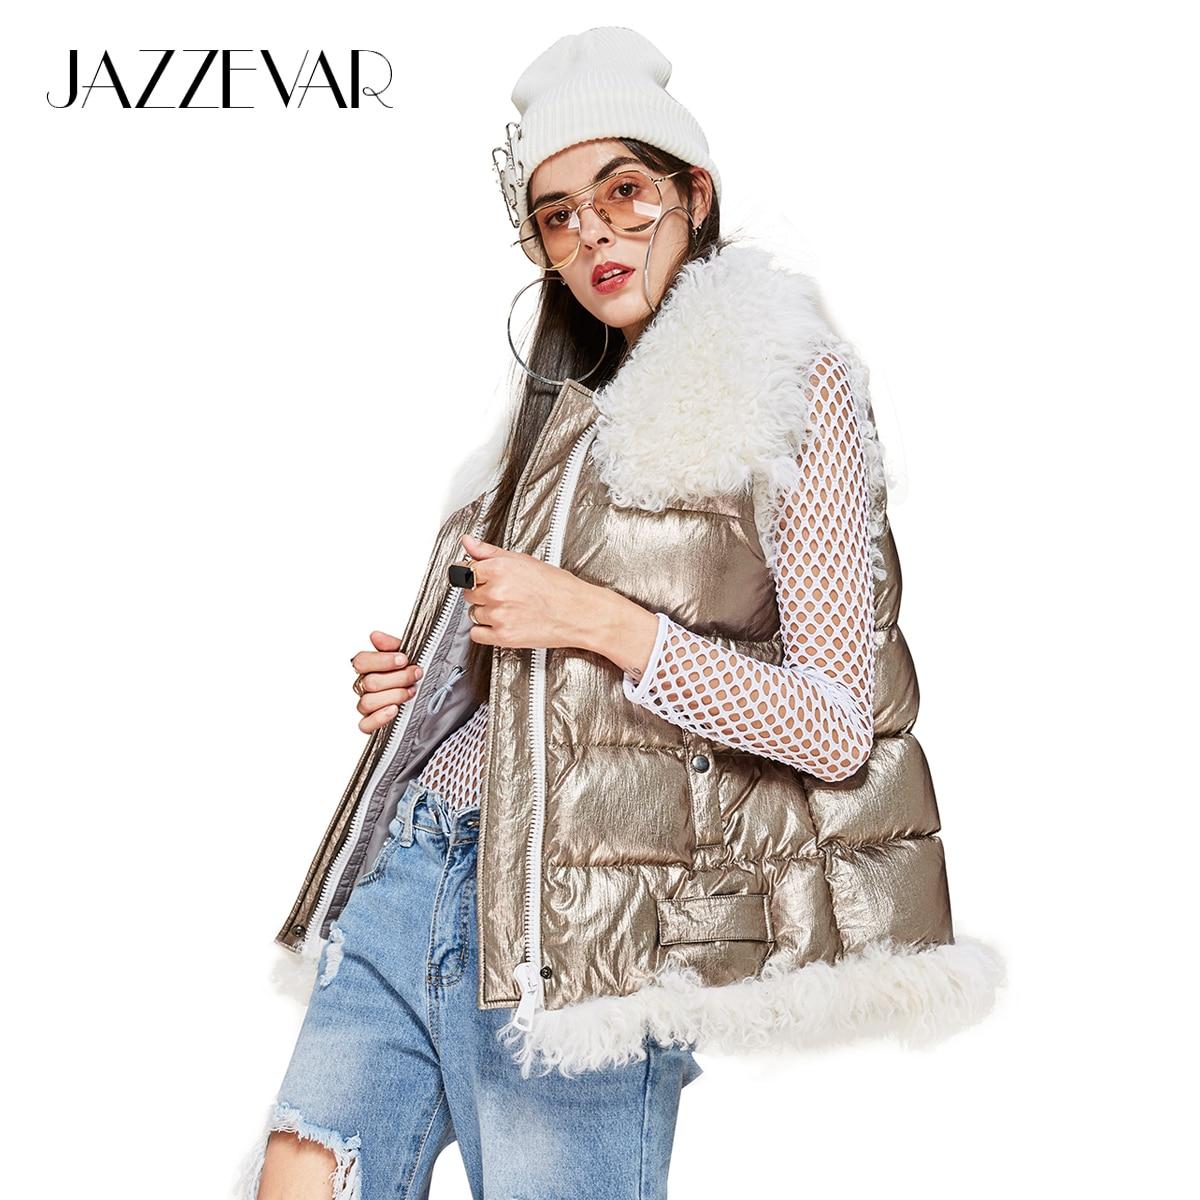 JAZZEVAR 2019 nouveau hiver haute couture femme de rue conceptions futuristes Edgy argent doudoune fille gilet avec fourrure d'agneau